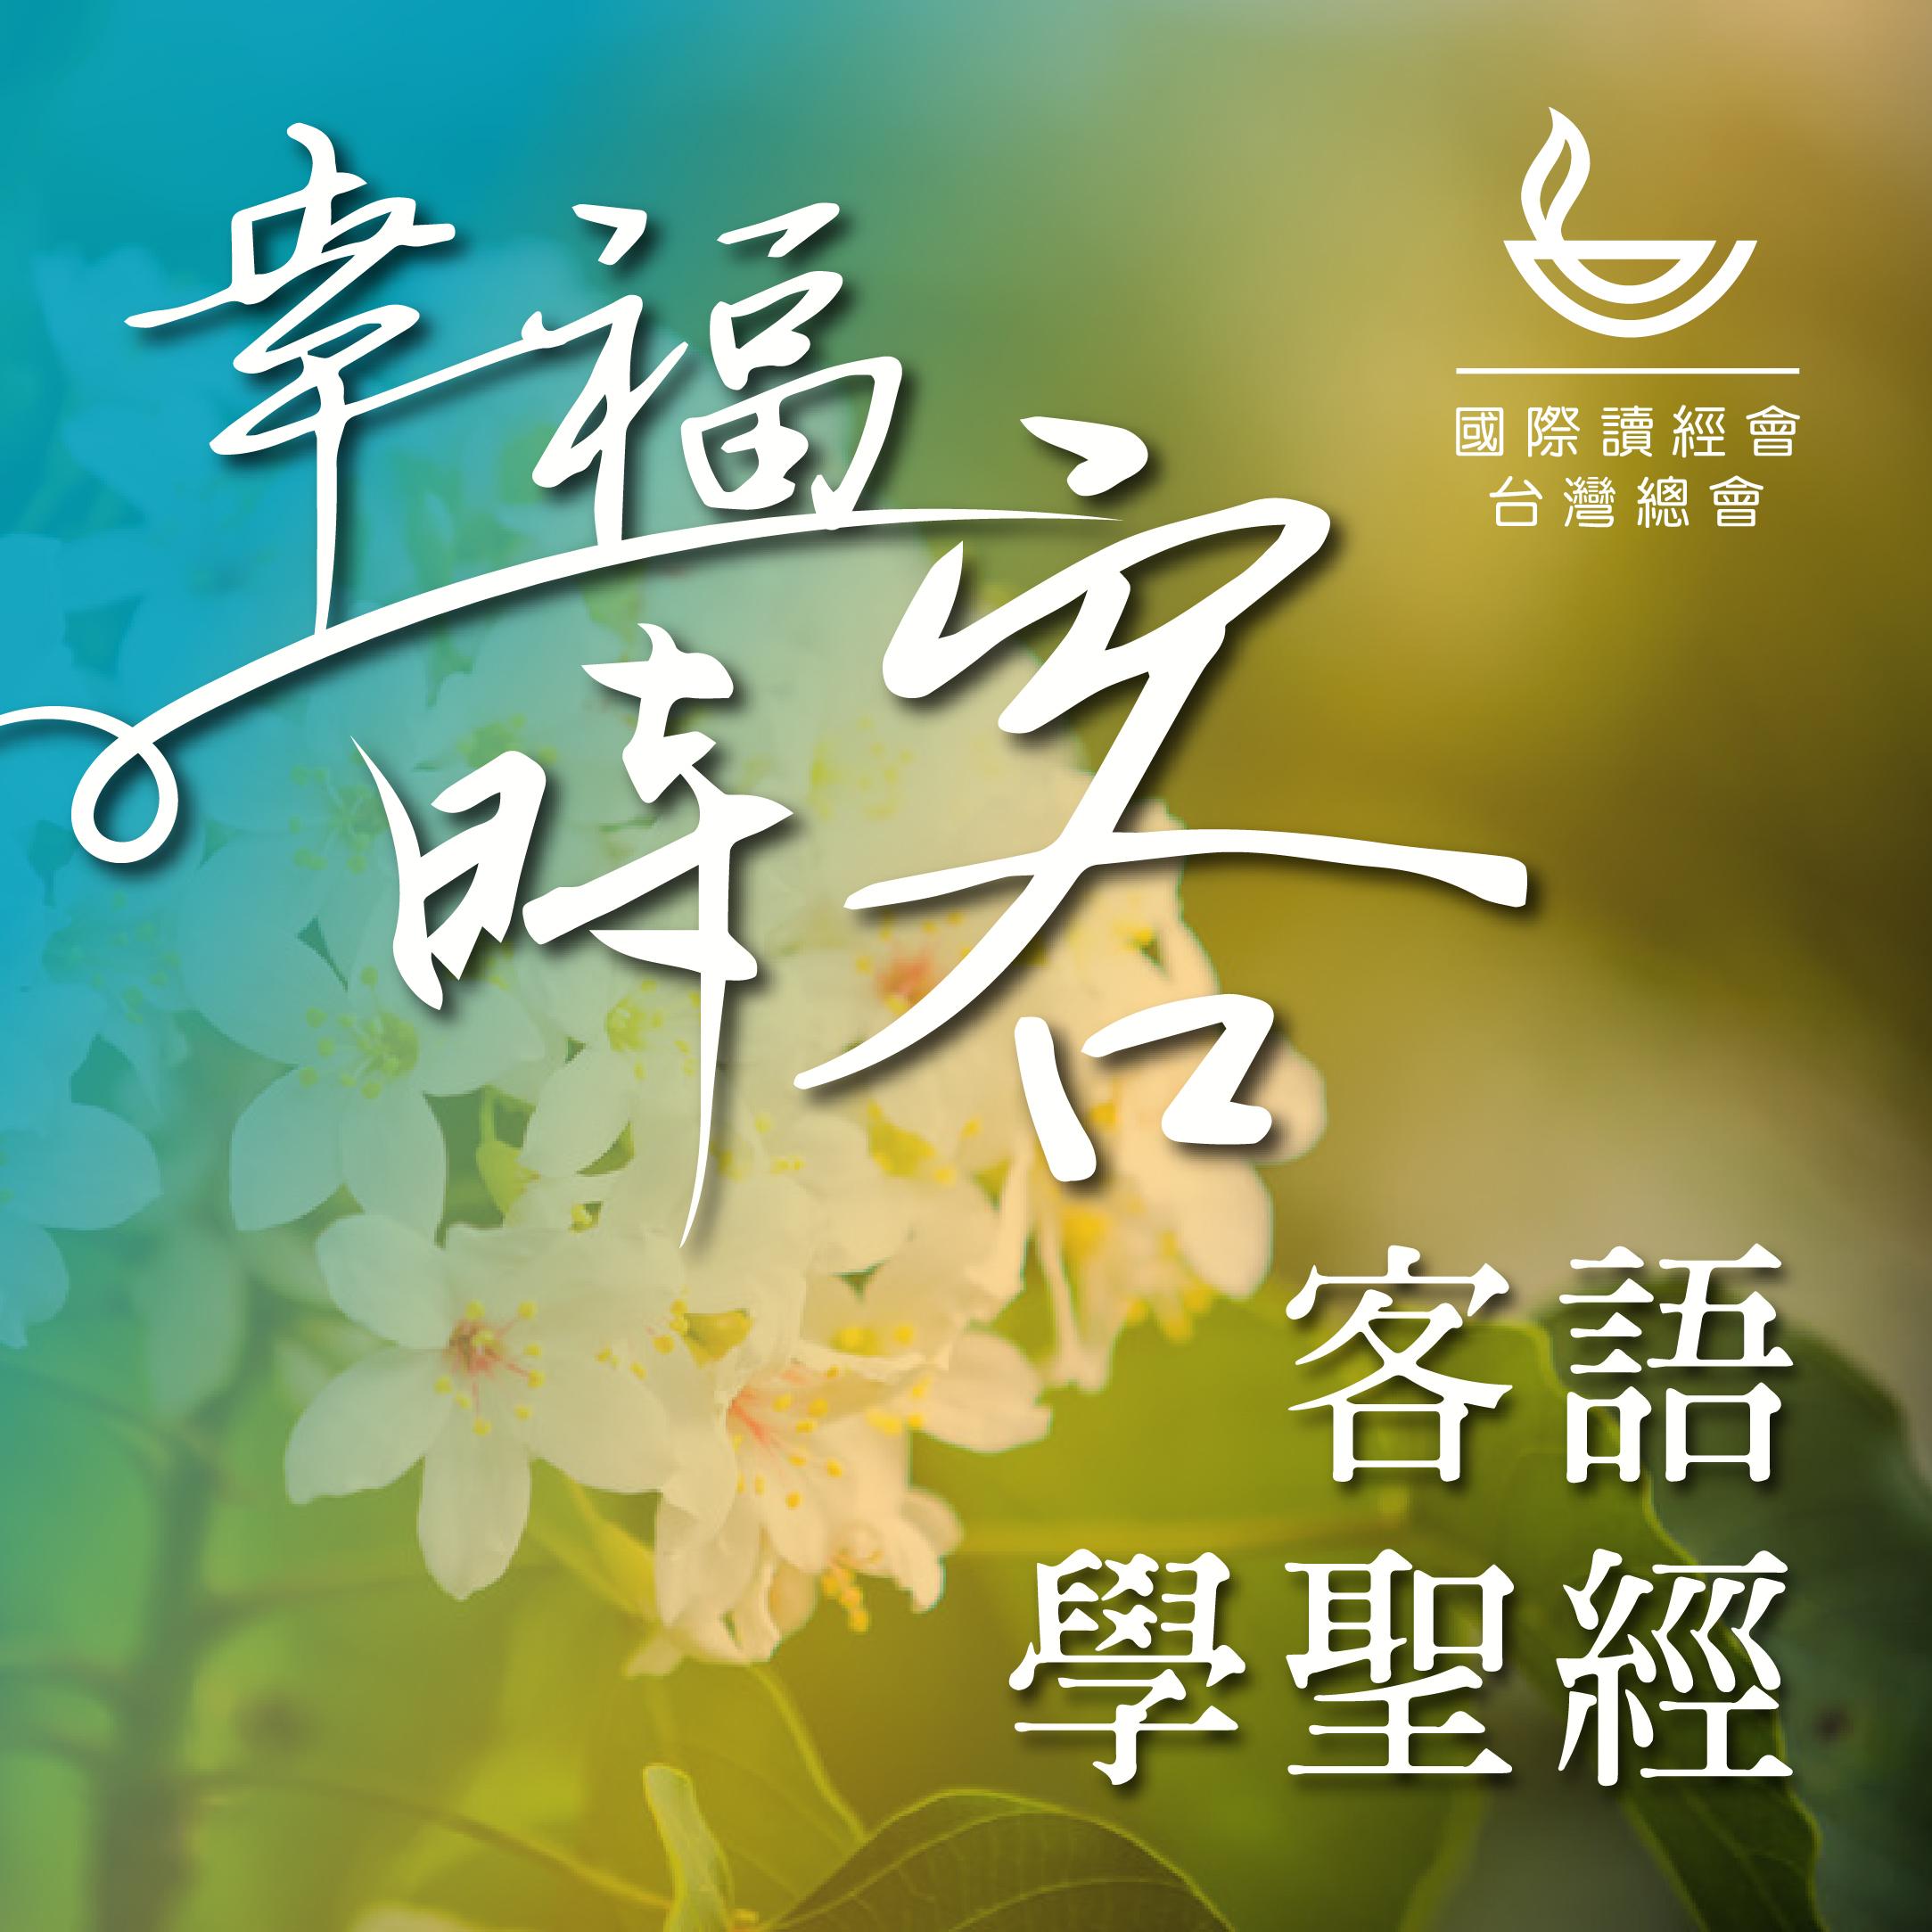 幸福時客27【客語學聖經】2021-每研9/24(啟19:11-21)國際讀經會台灣總會EP84